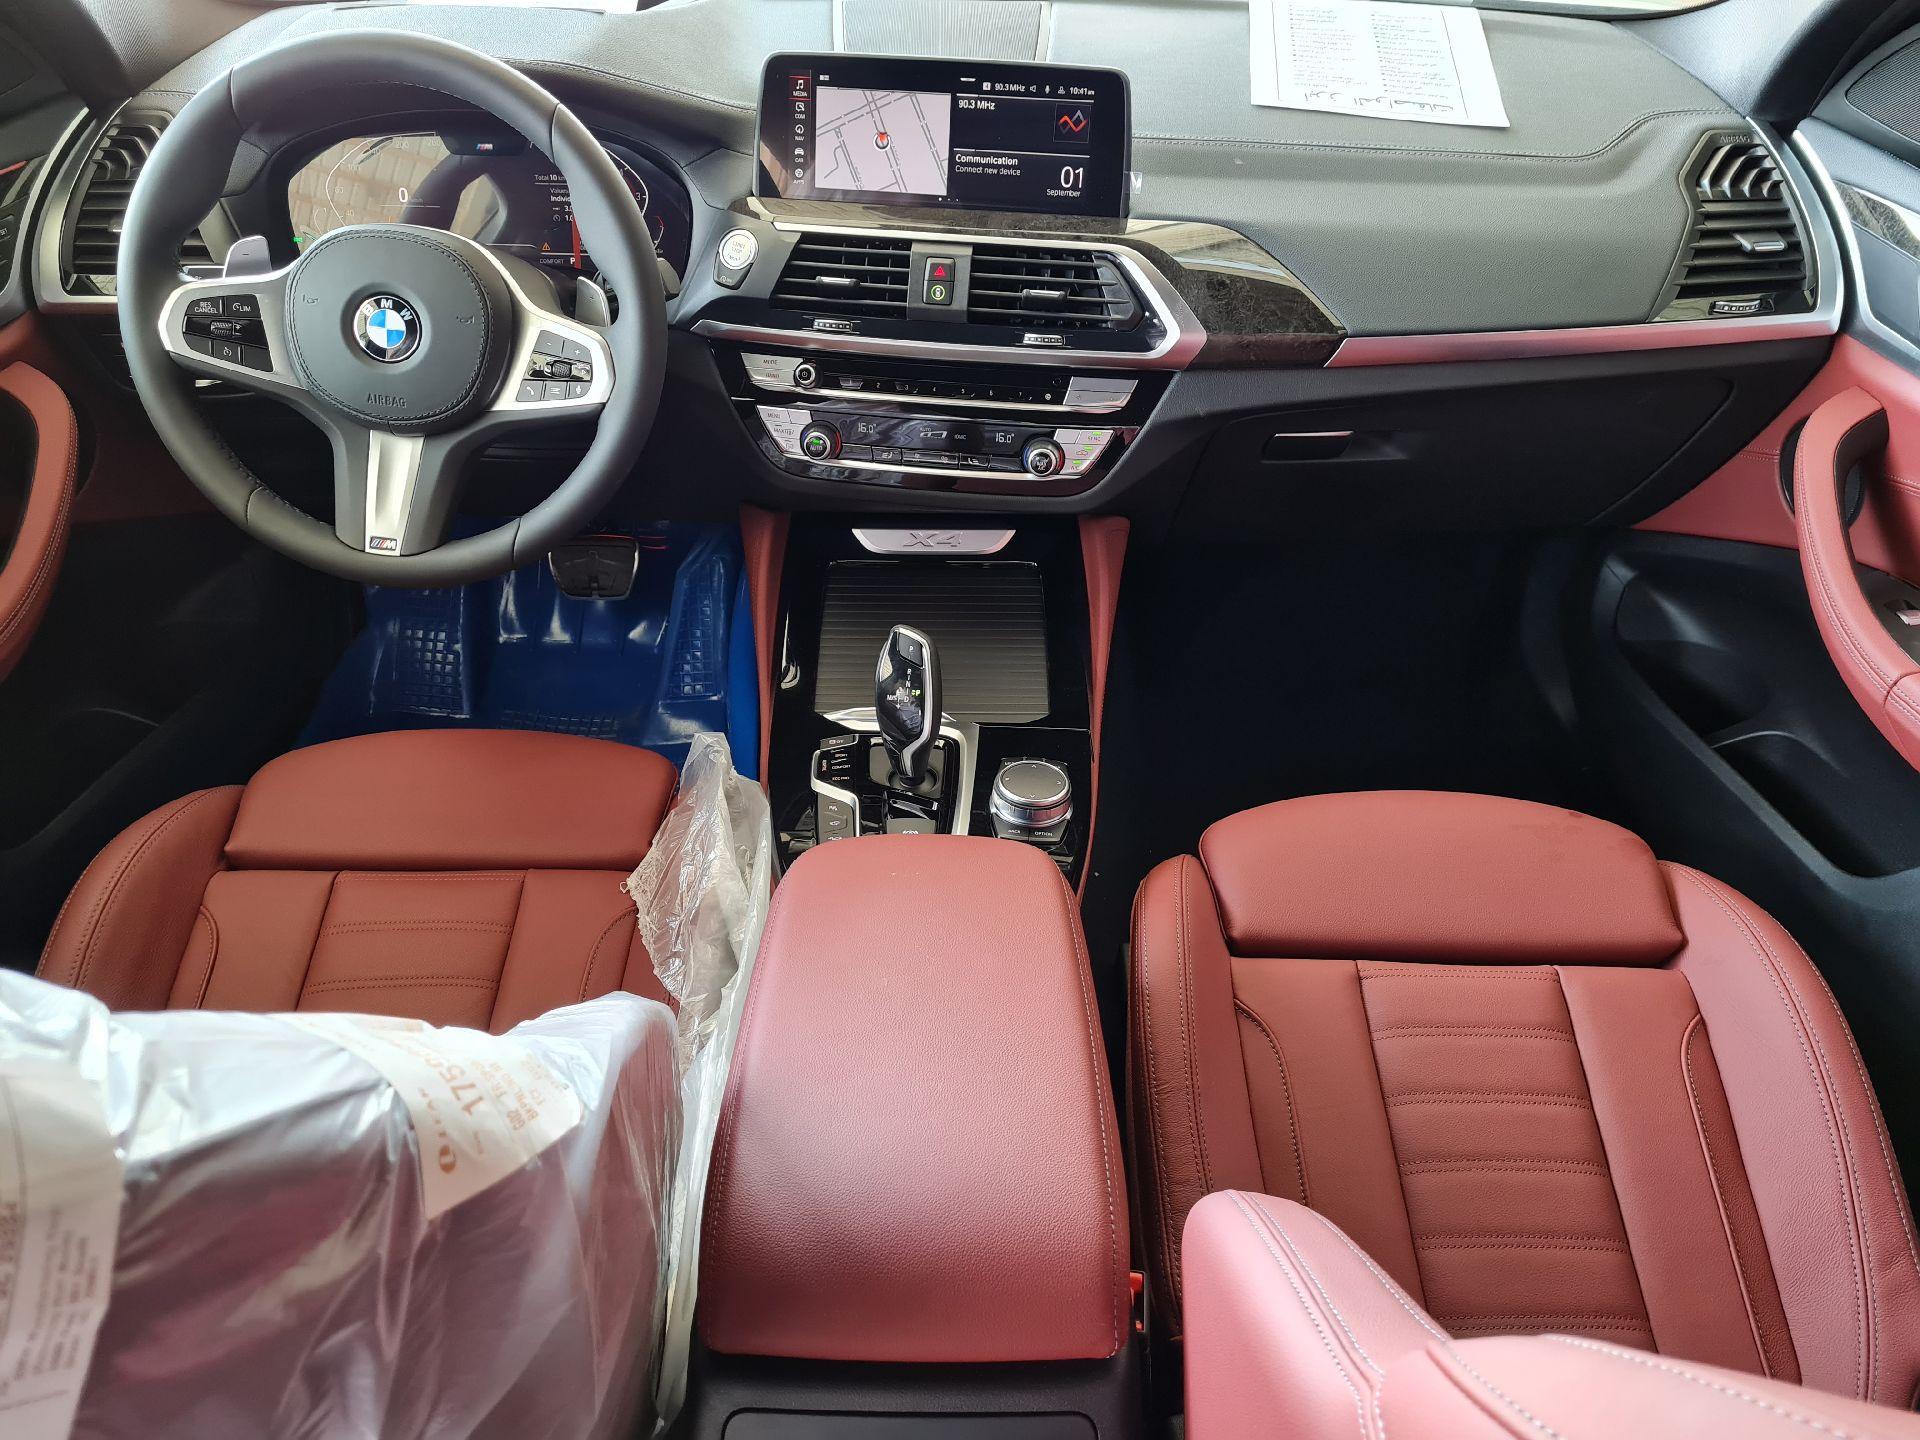 BMW الفئة X 4 xDrive 30i 2021 فل خليجي للبيع في الرياض - السعودية - صورة كبيرة - 12